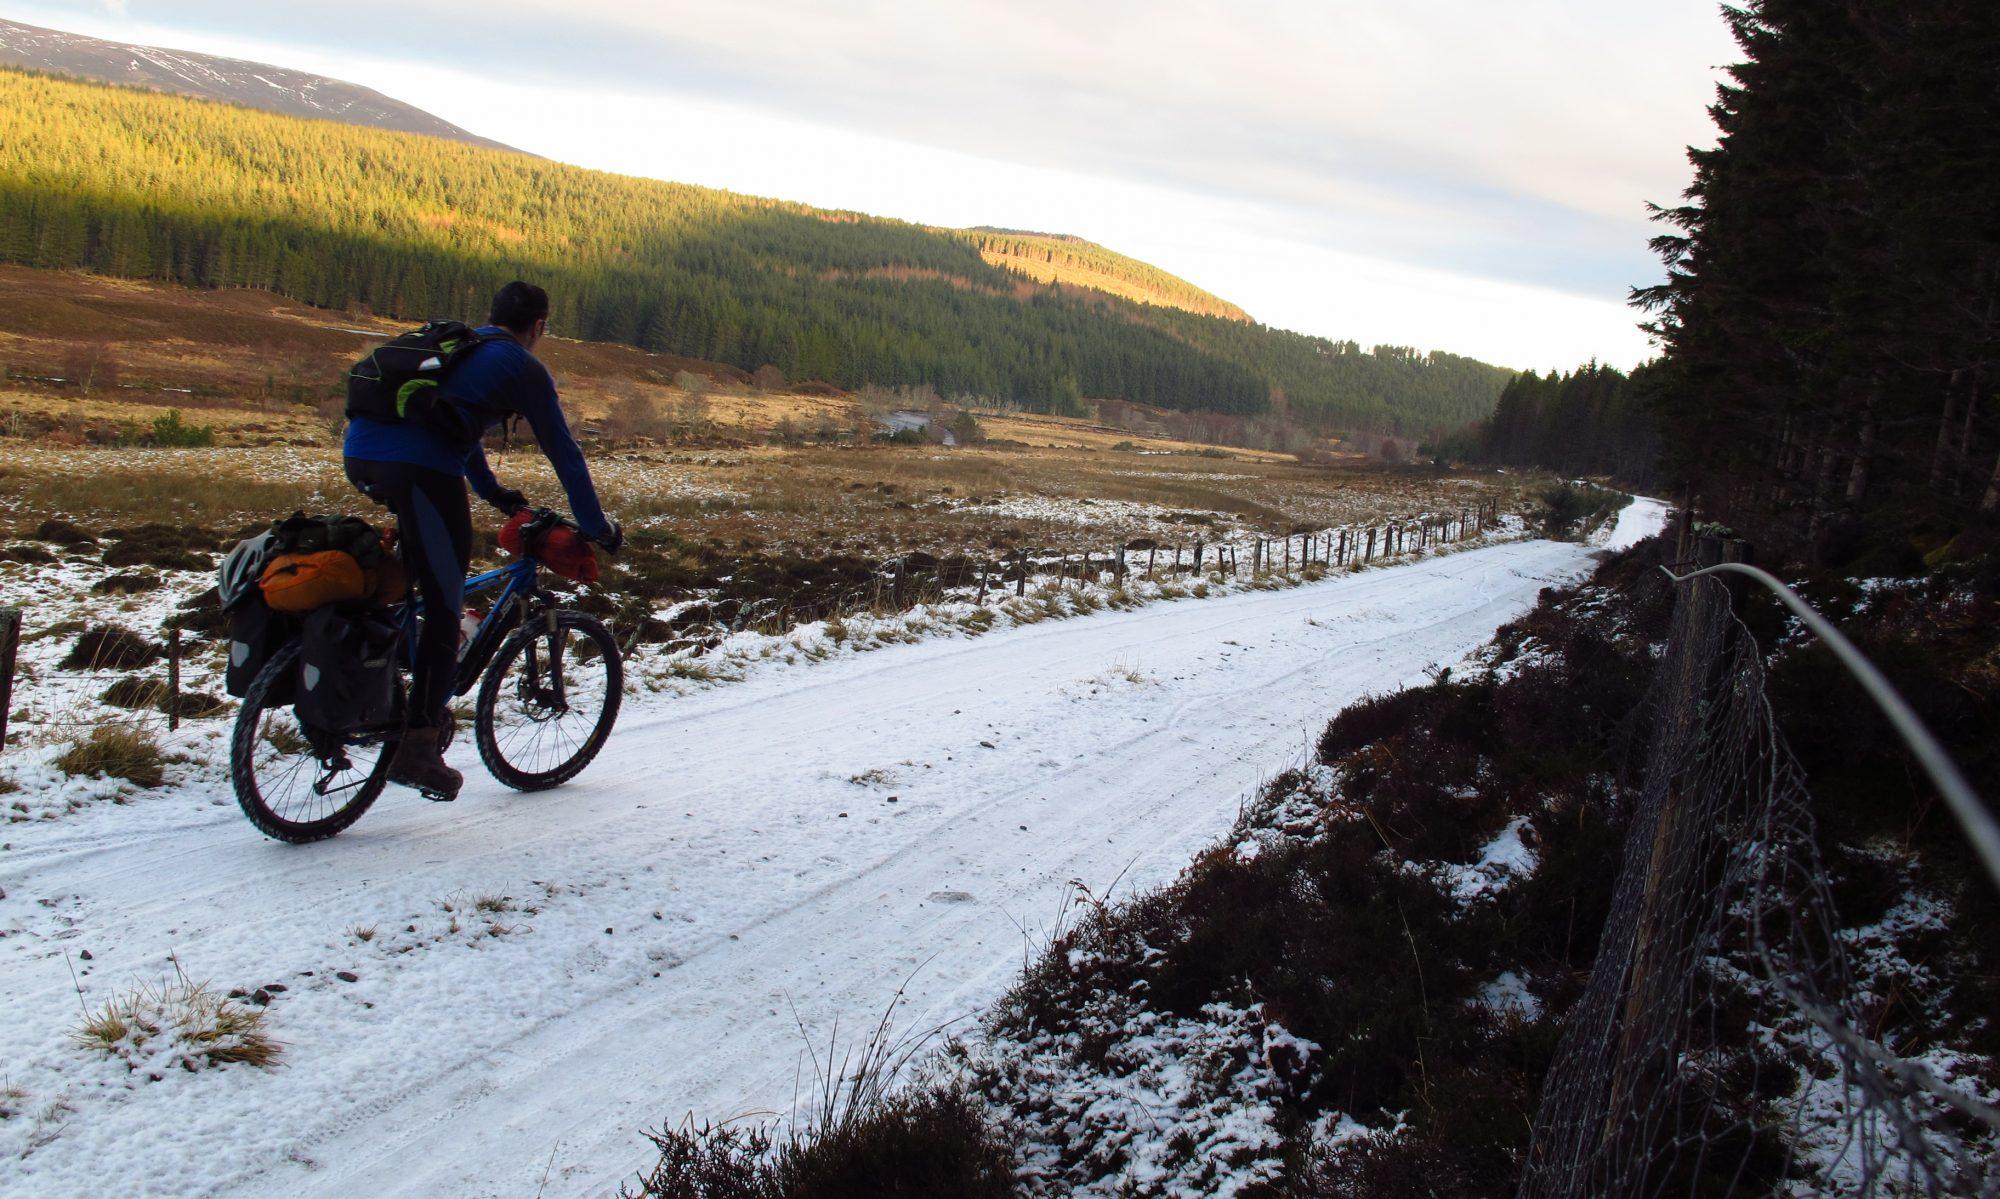 Highland Drifter